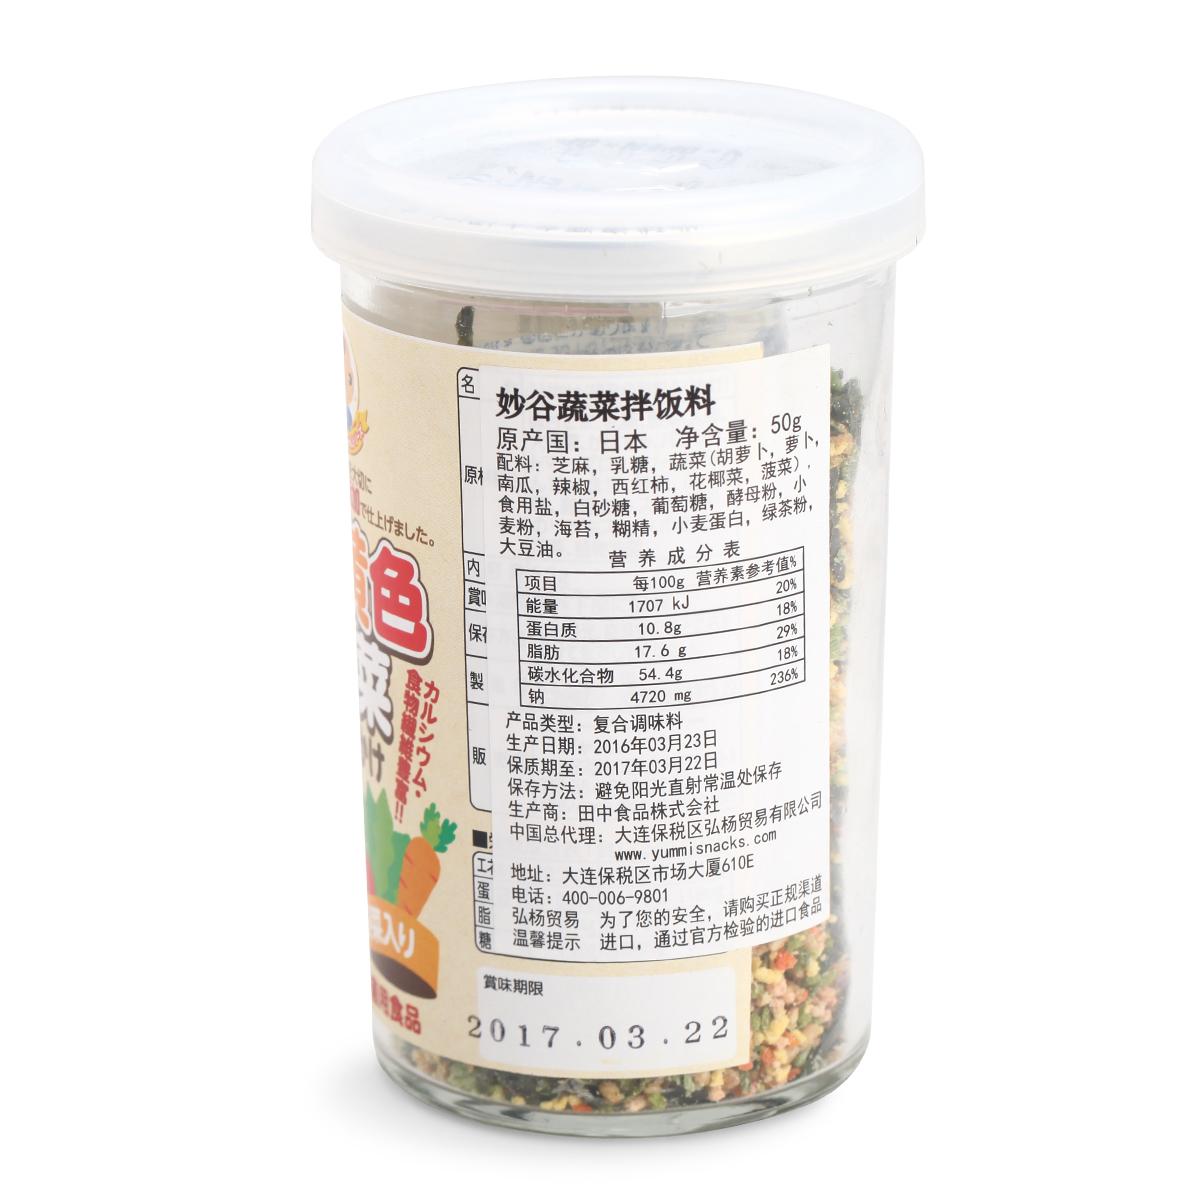 日本妙谷辅食调味进口调味品低盐蔬菜拌饭料